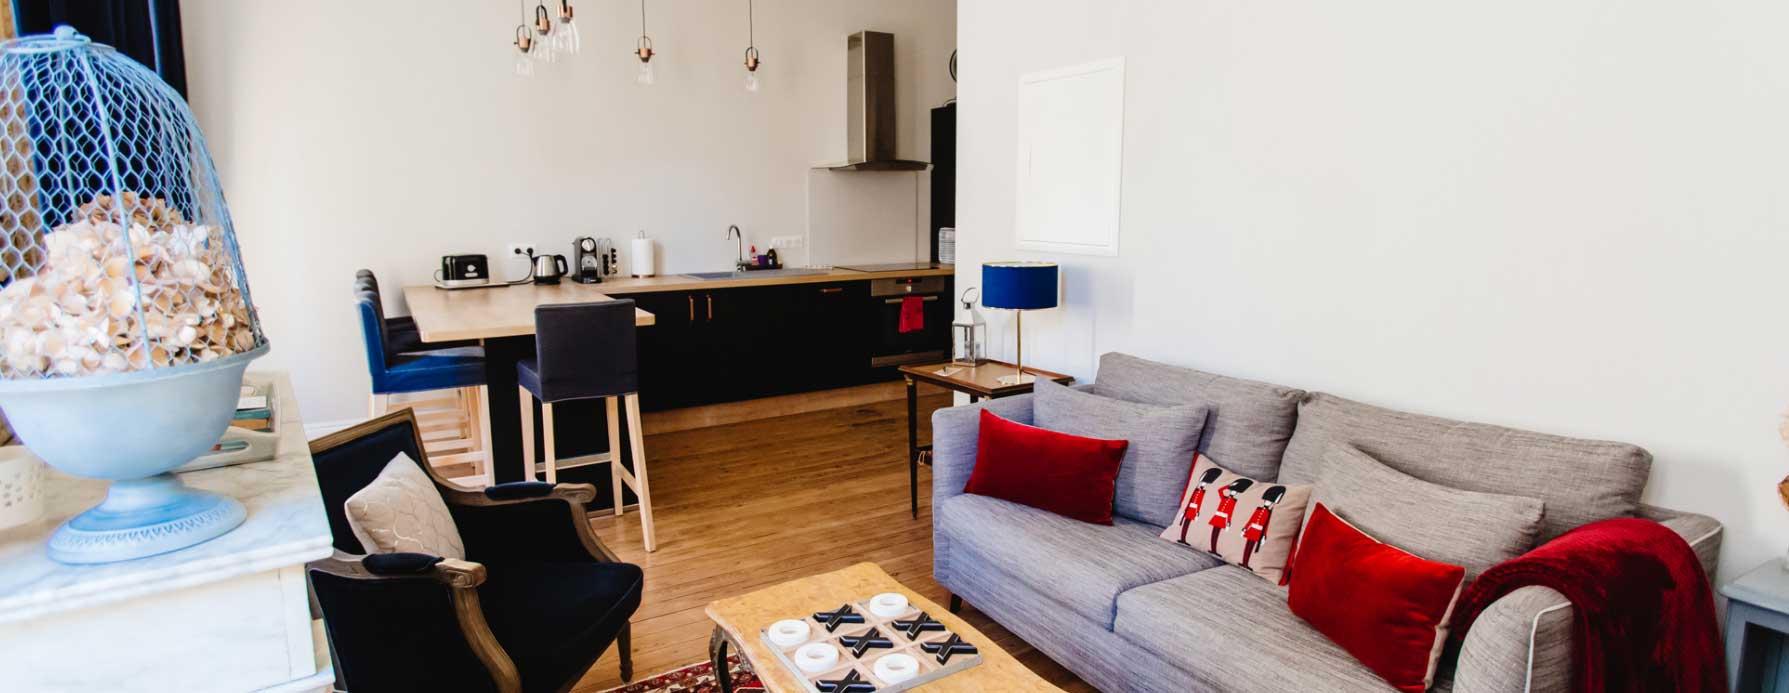 Mietwohnung_BordeauxWohnzimmer_und_Kueche